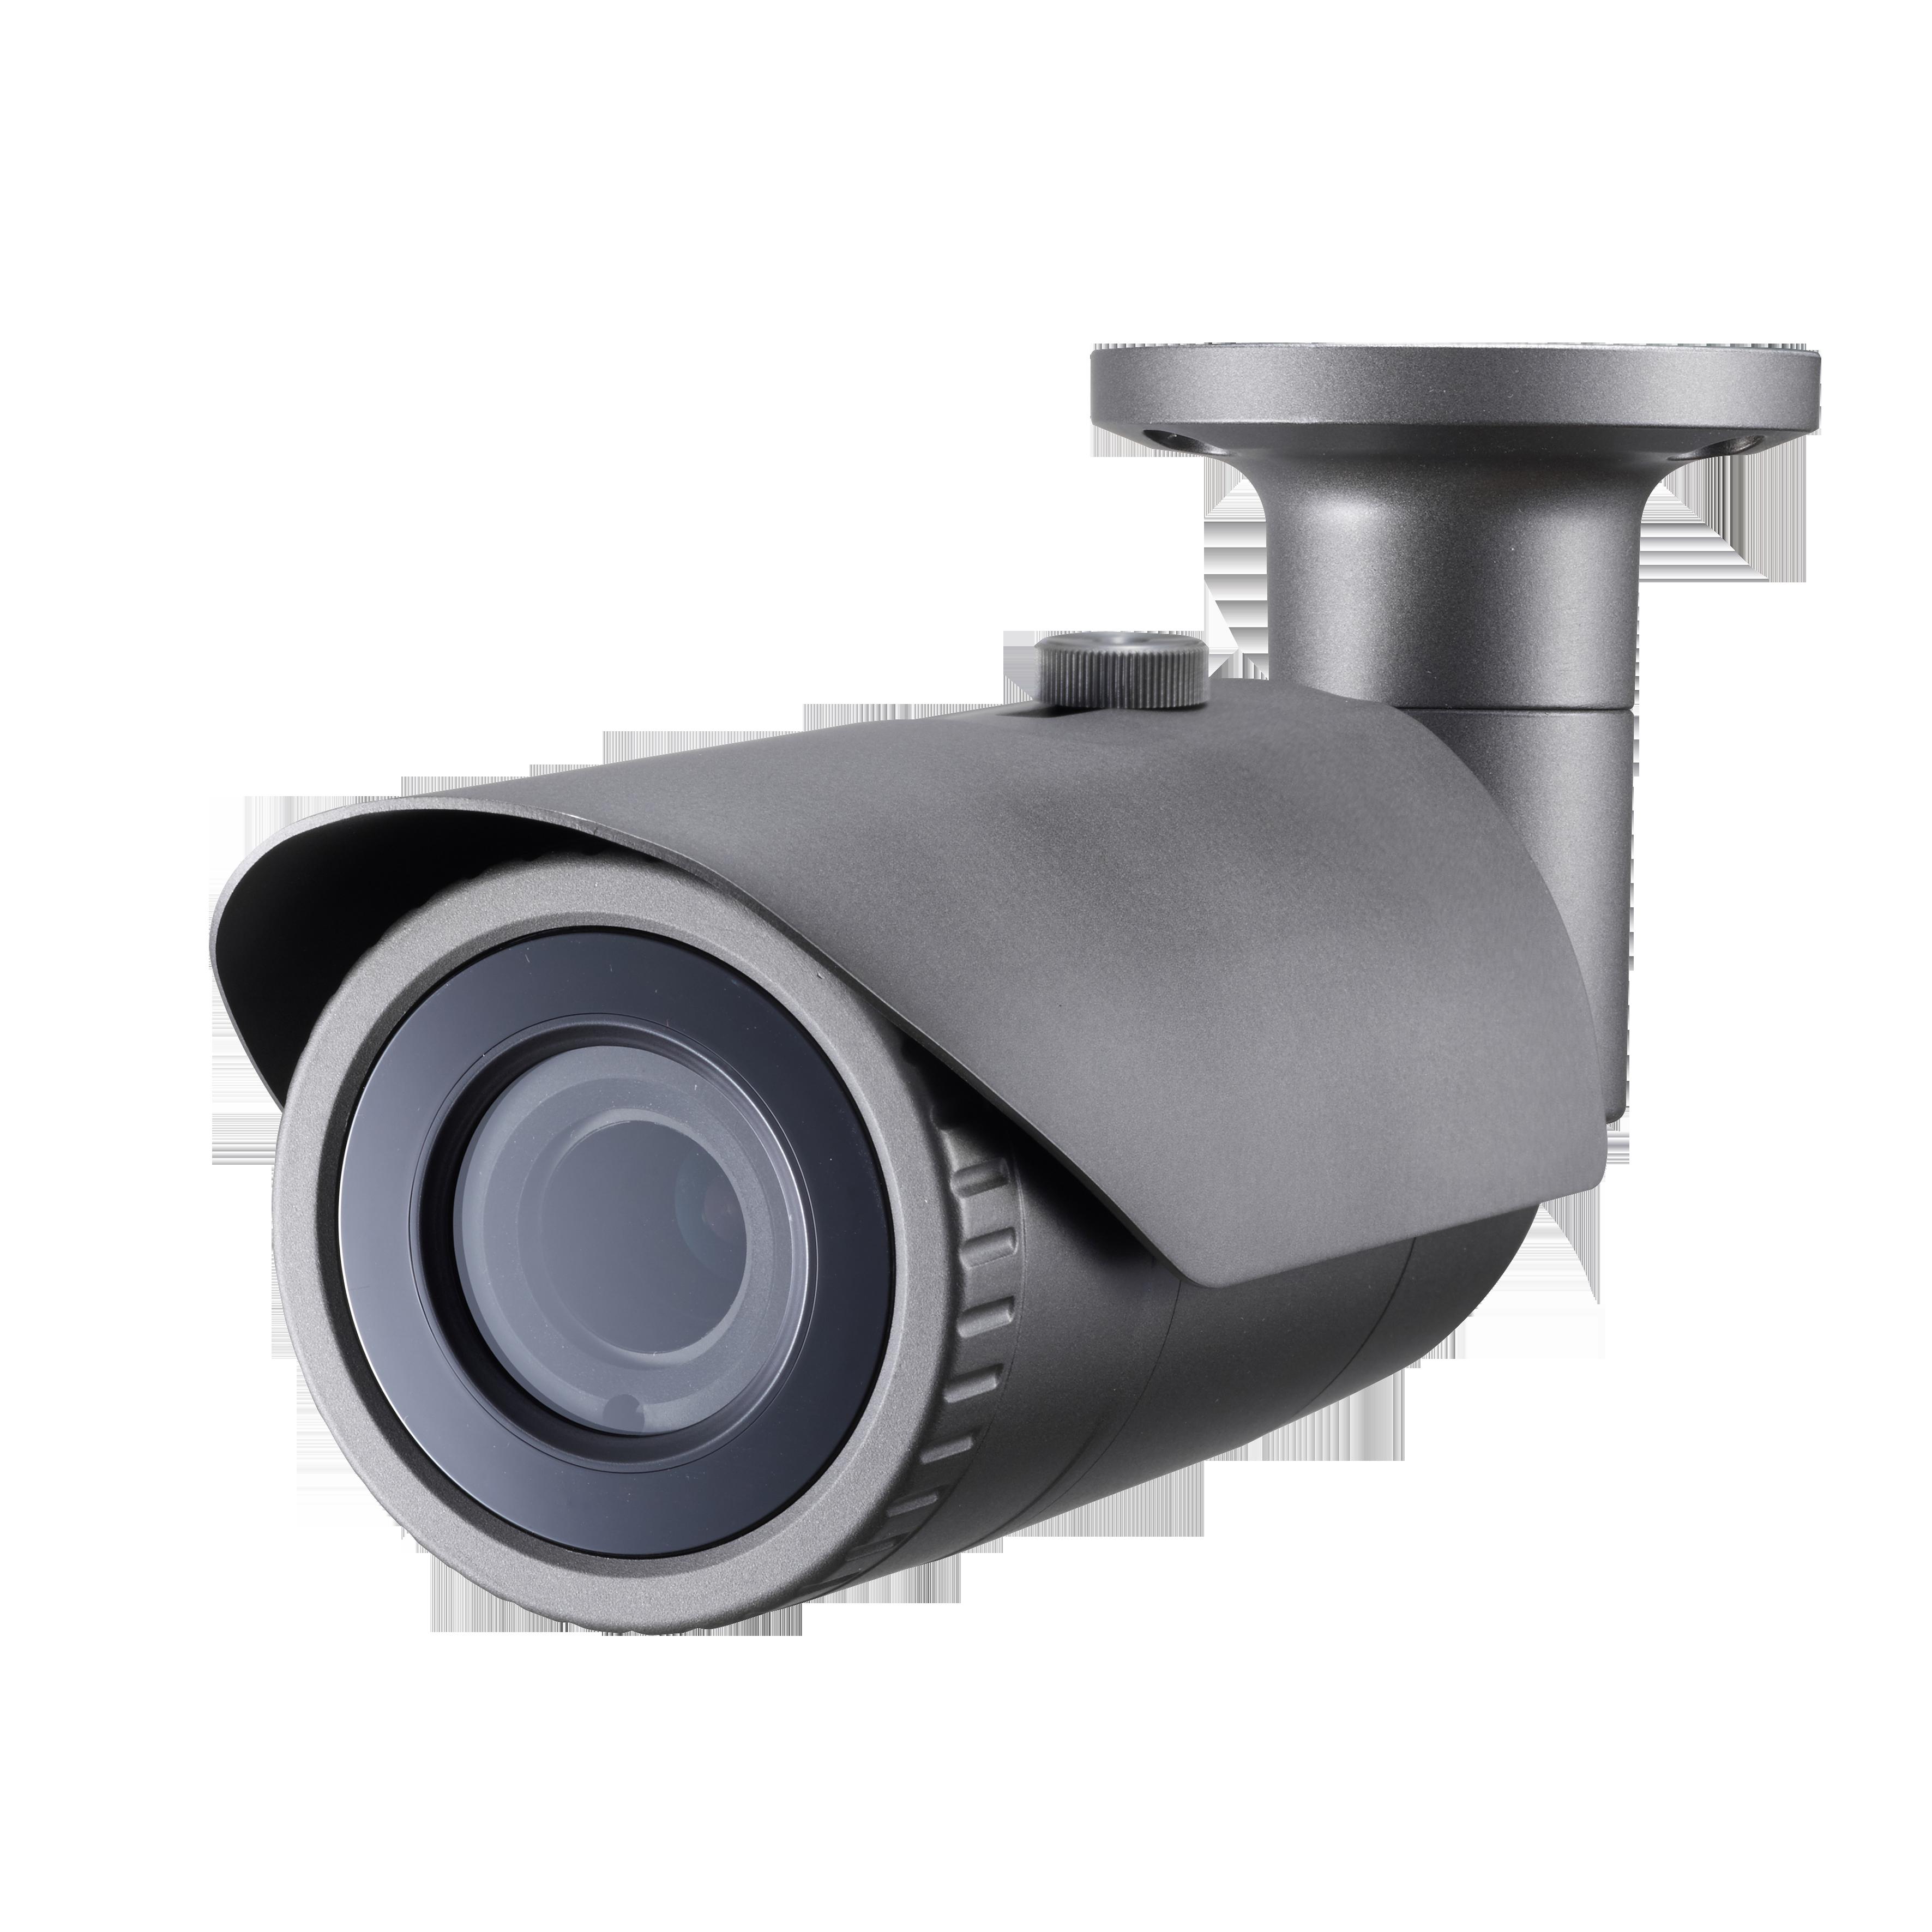 Kit sistem de supraveghere video cu 4 camere exterior Samsung SV-73-E4